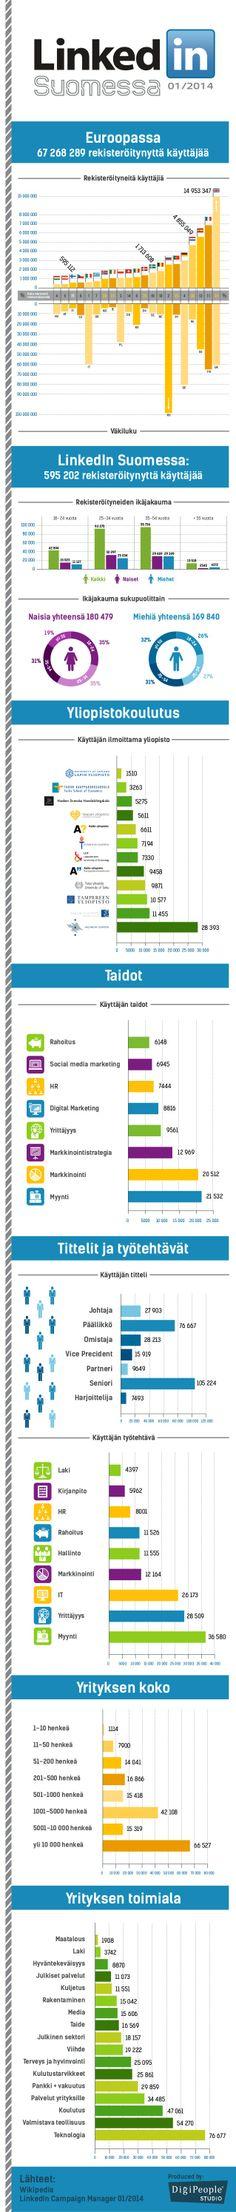 LinkedIn Suomessa Infograafi by Pekka Tuominen via slideshare